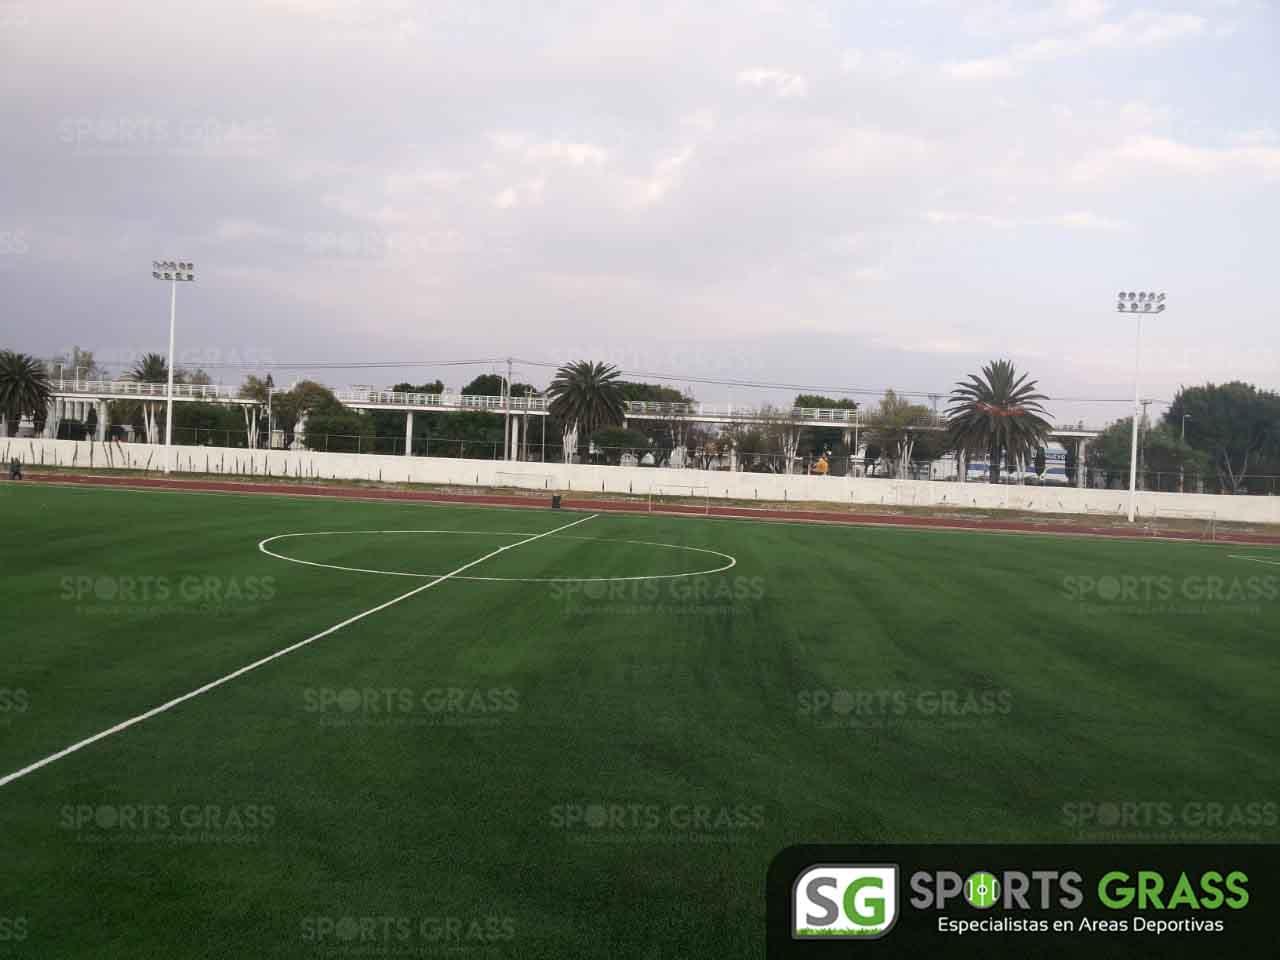 Cancha Futbol Soccer BINE Benemerito Instintuto Normal del Estado Puebla Sports Grass 03